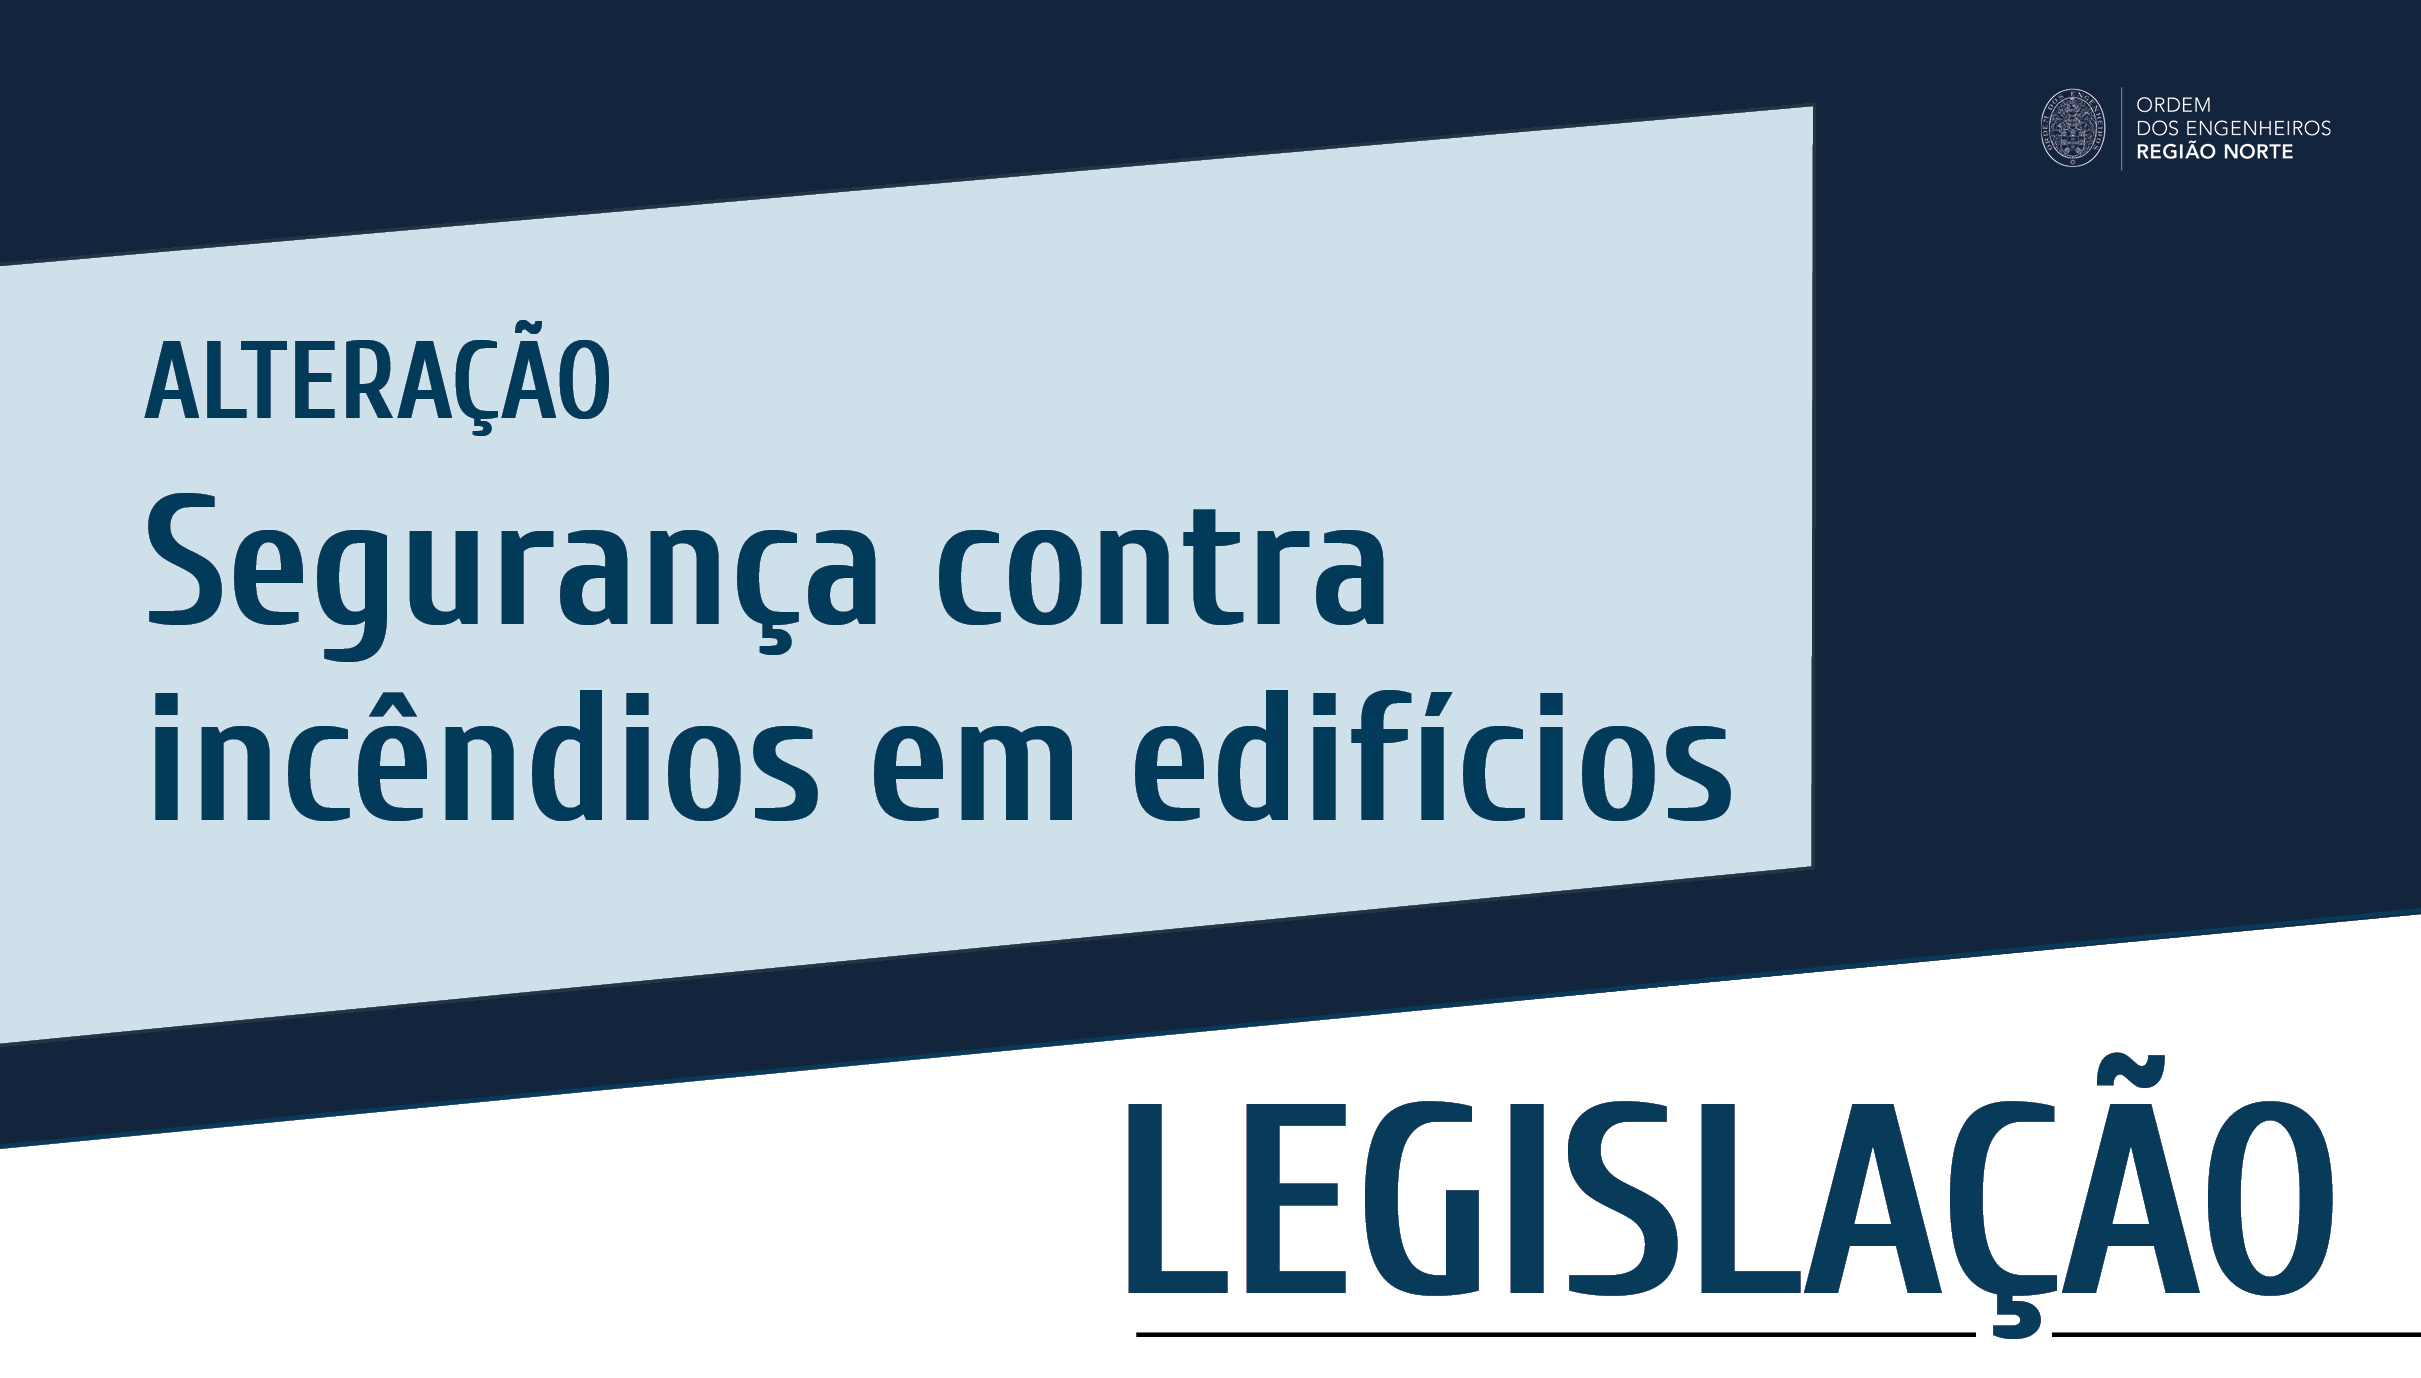 Plataforma Notícias Ordem Engenheiros Região Norte - Nova alteração ao Regime Jurídico da Segurança Contra Incêndio em Edifícios (SCIE)